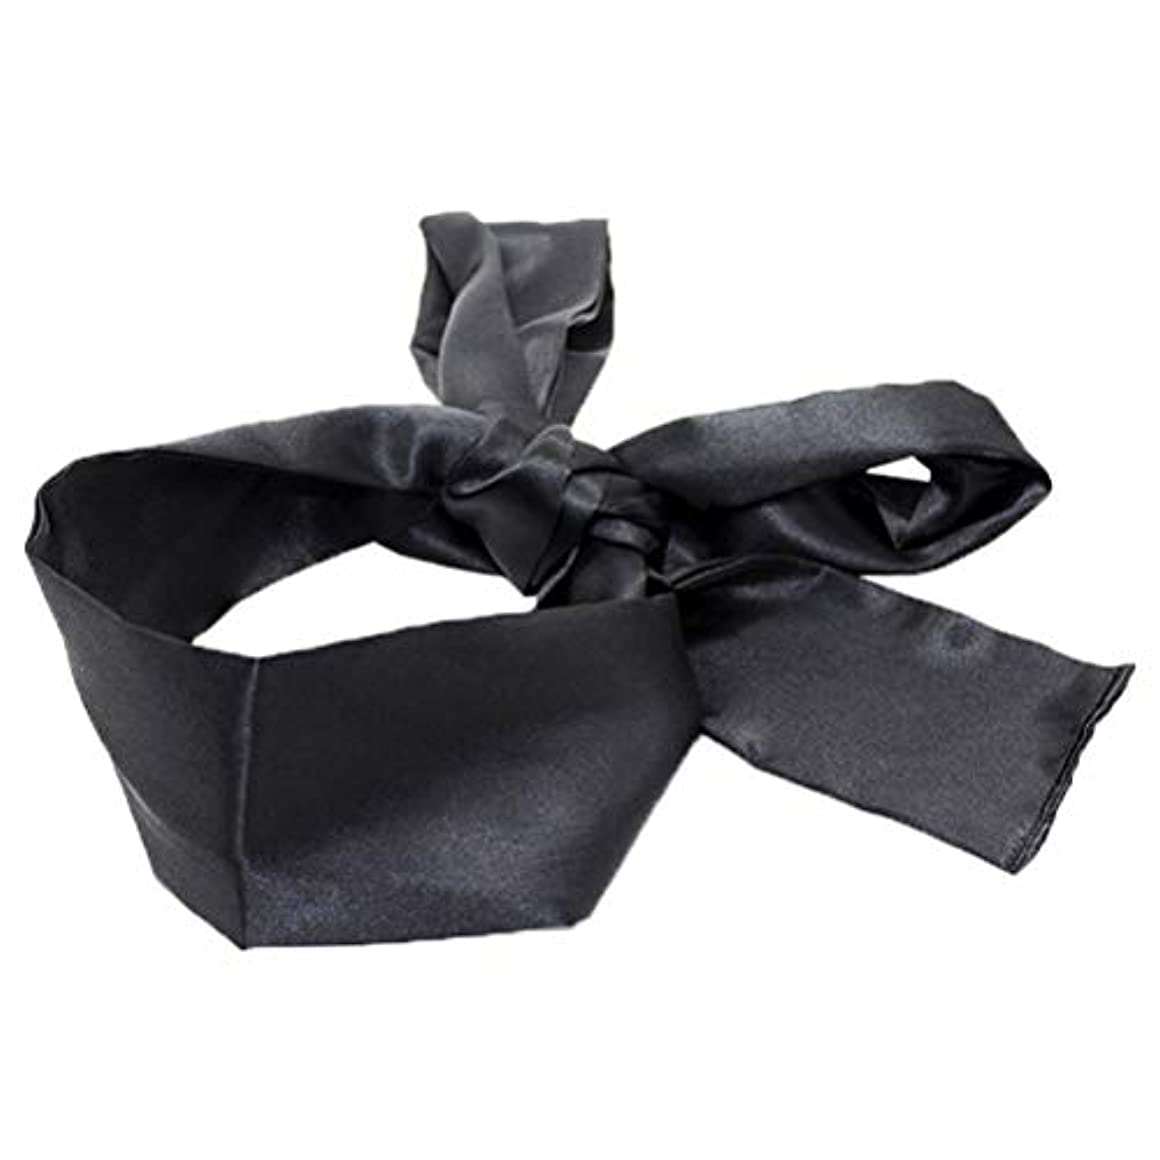 乱雑な信頼できる矛盾するHEALIFTY 睡眠マスクホームトラベルコスチューム小道具(ブラック)用サテン目隠しソフト快適なアイマスクバンドブラインダー